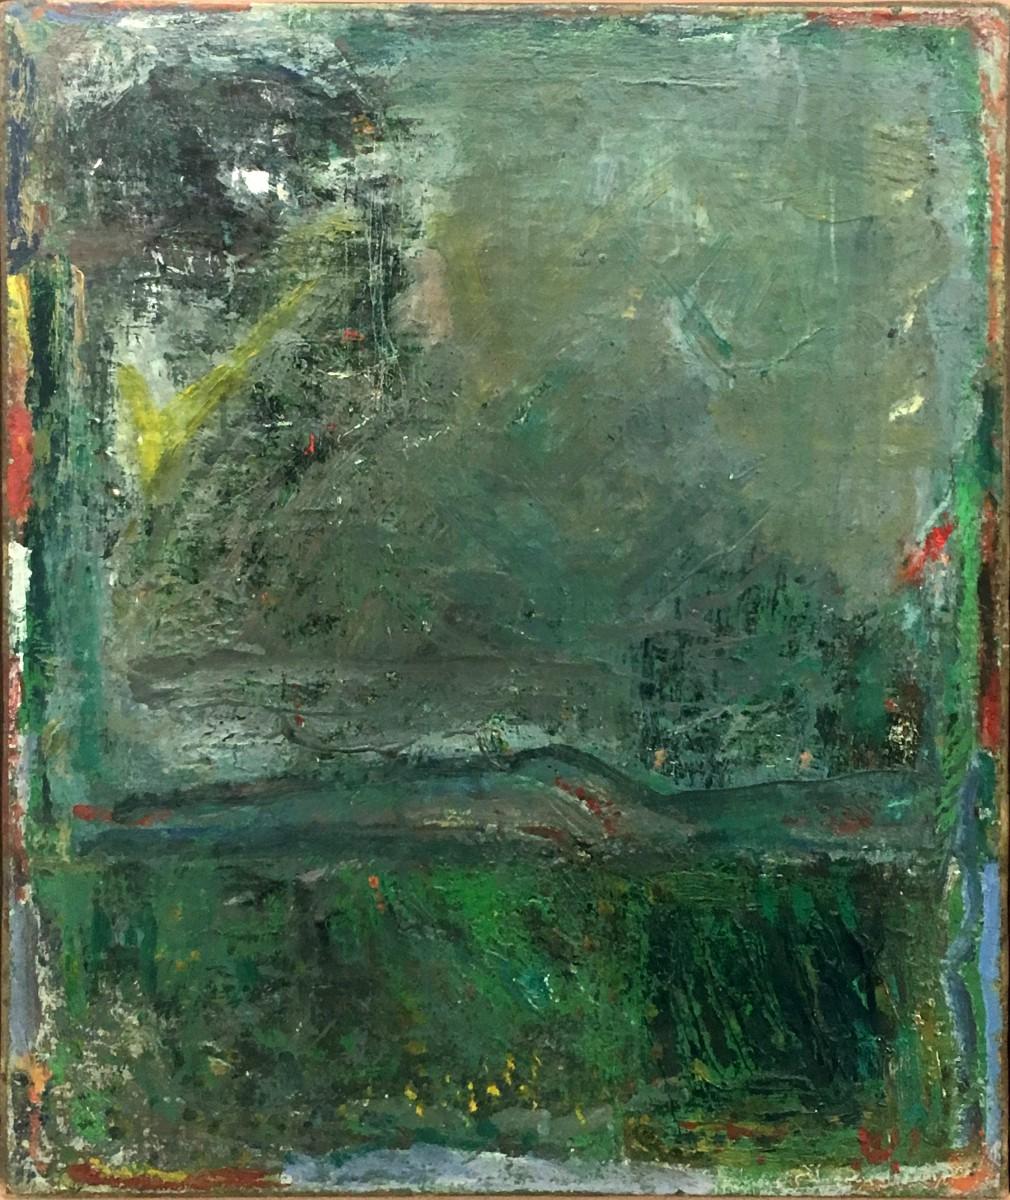 Yehezkel Streichman, 1958, Oil on canvas, 61x50 cm